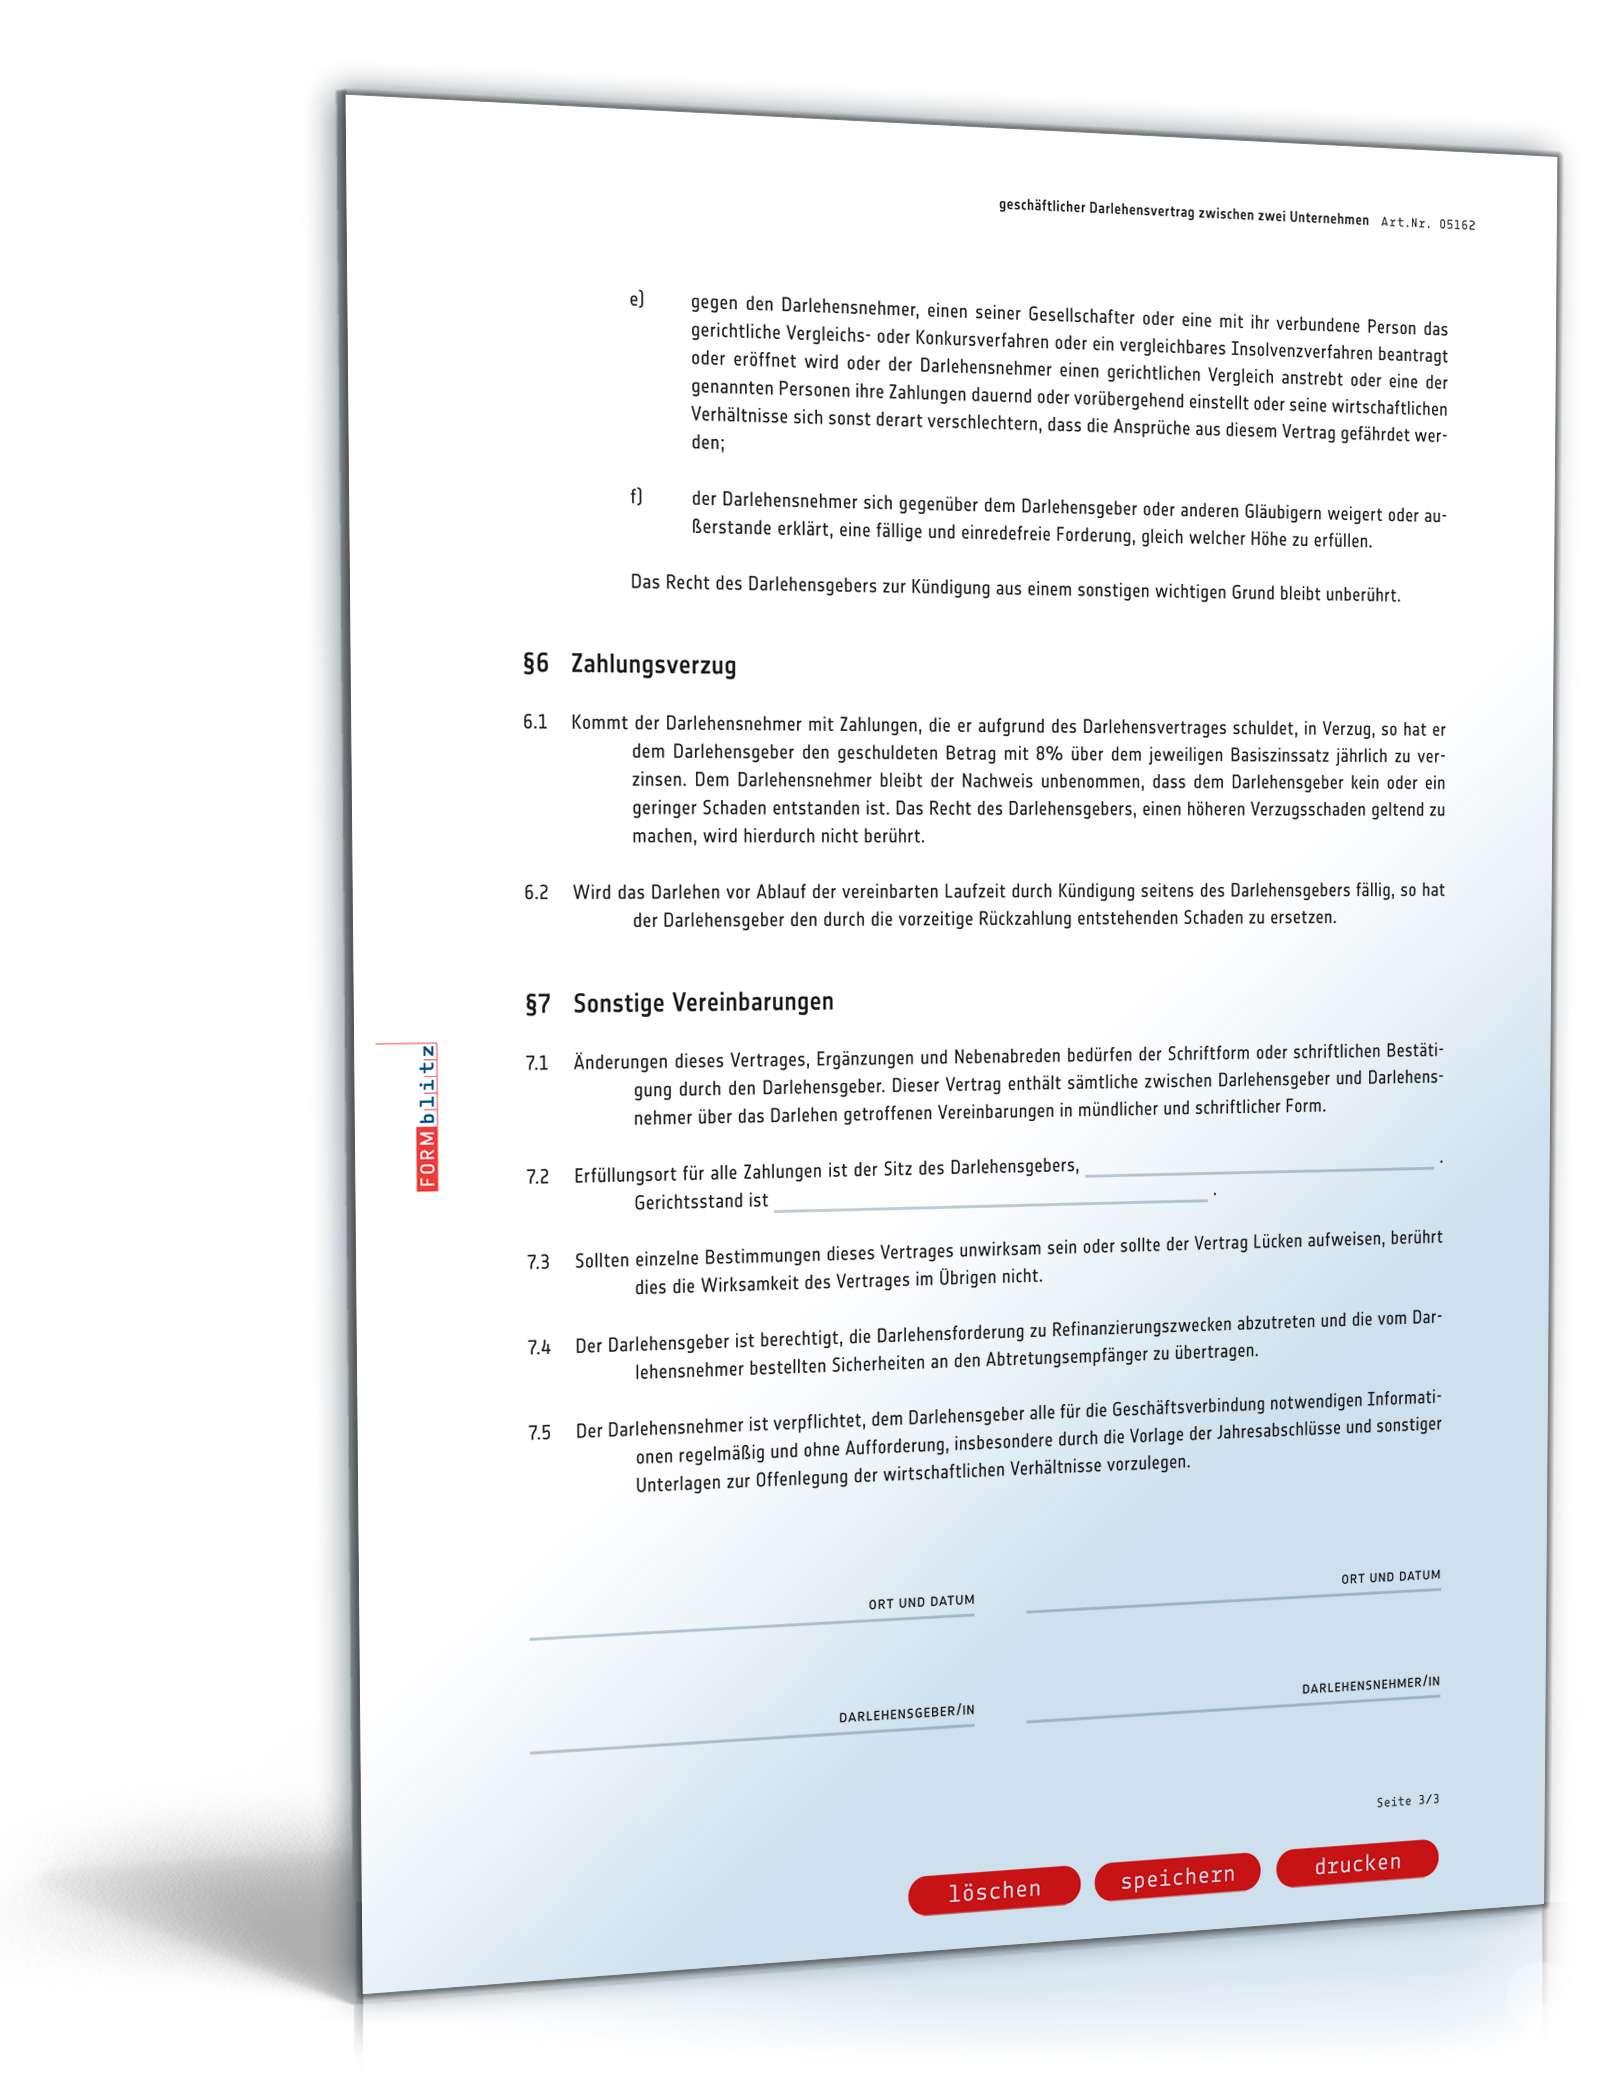 Groß Vorlage Eines Darlehensvertrags Ideen - Beispiel Business ...